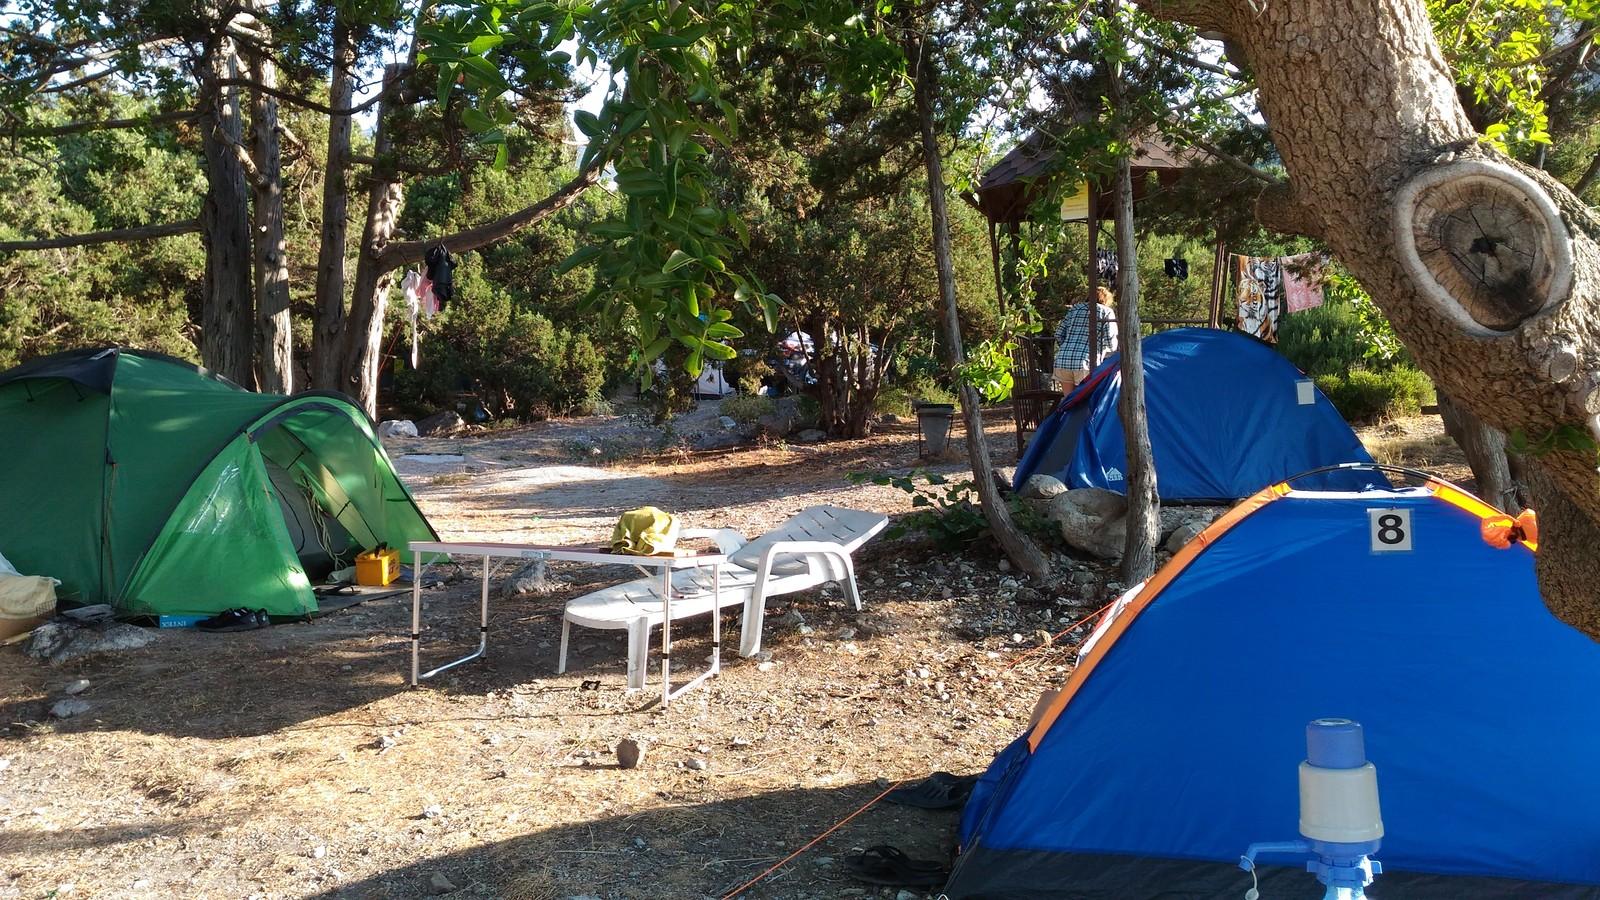 Кемпинговая палатка для  первого отдыха на природе с ночевкой